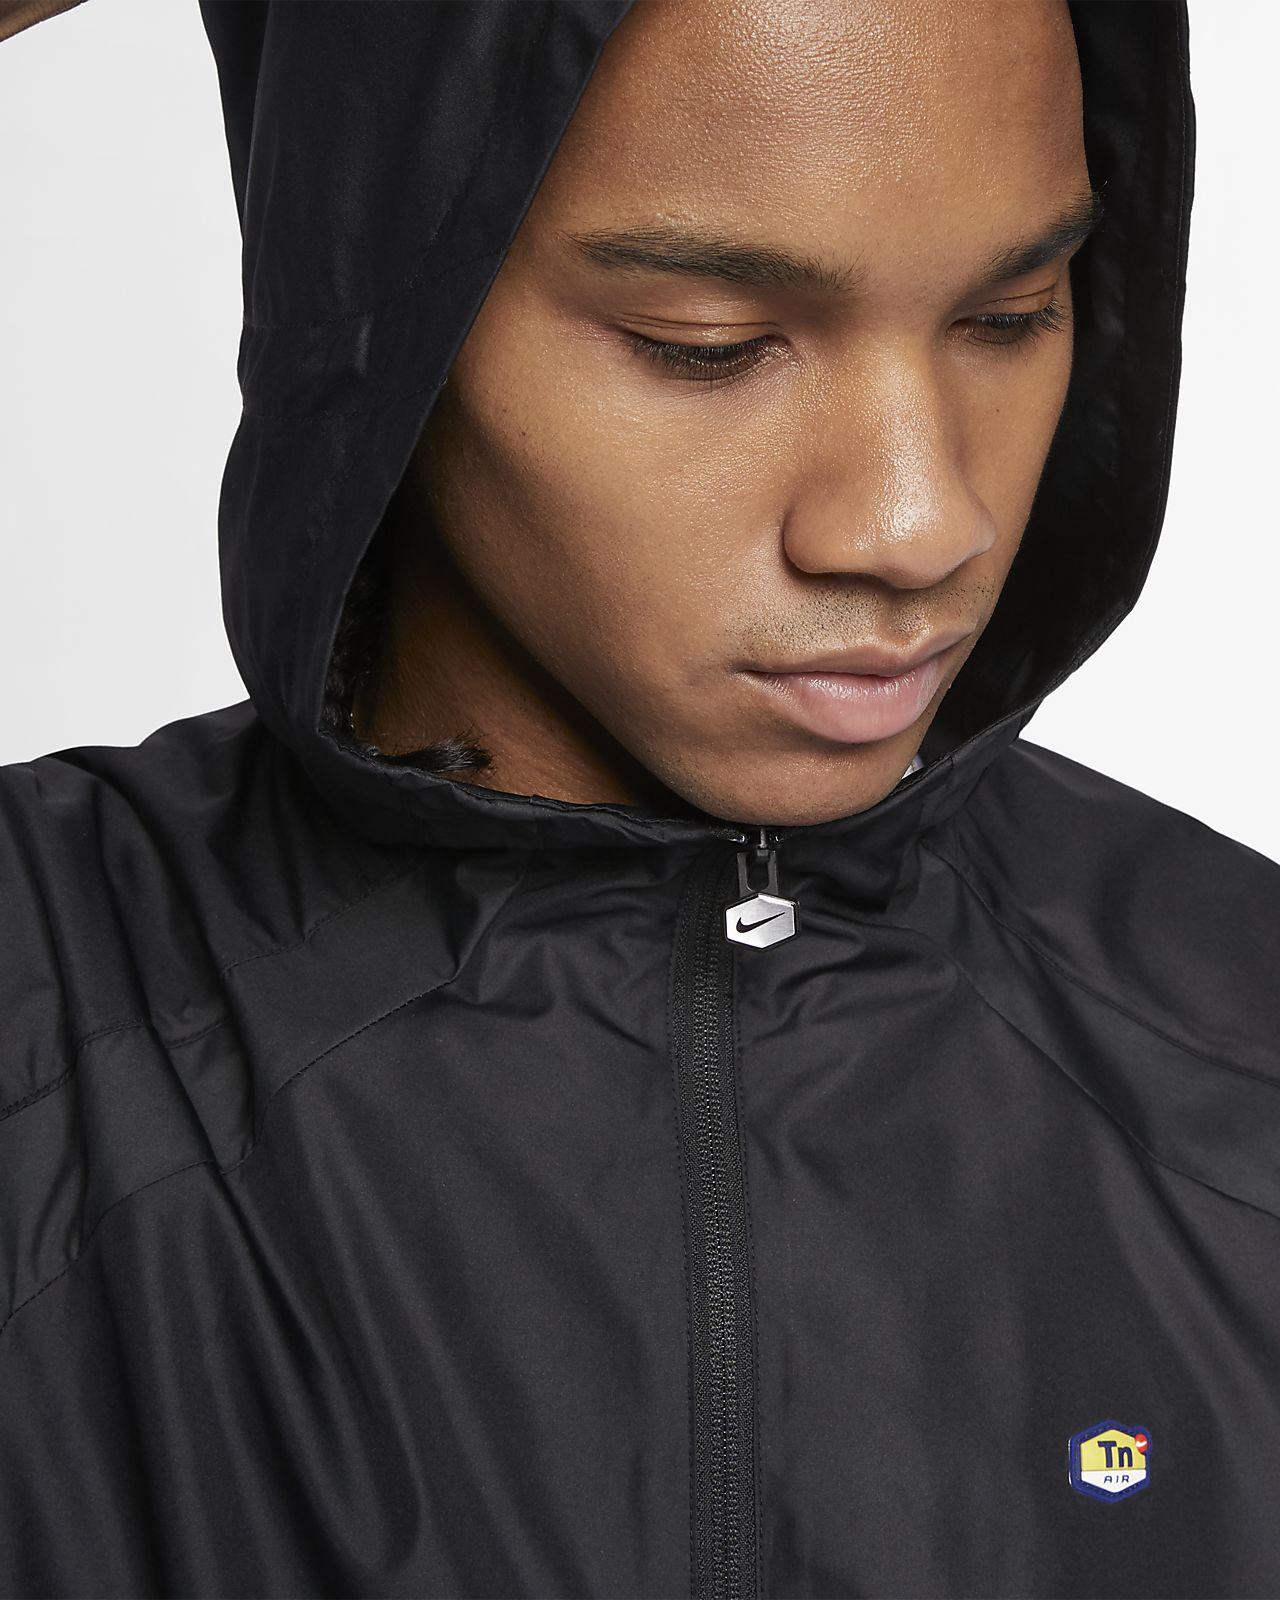 low priced 2525d 6d4cb ... Veste de survêtement à capuche NikeLab Collection Tn pour Homme